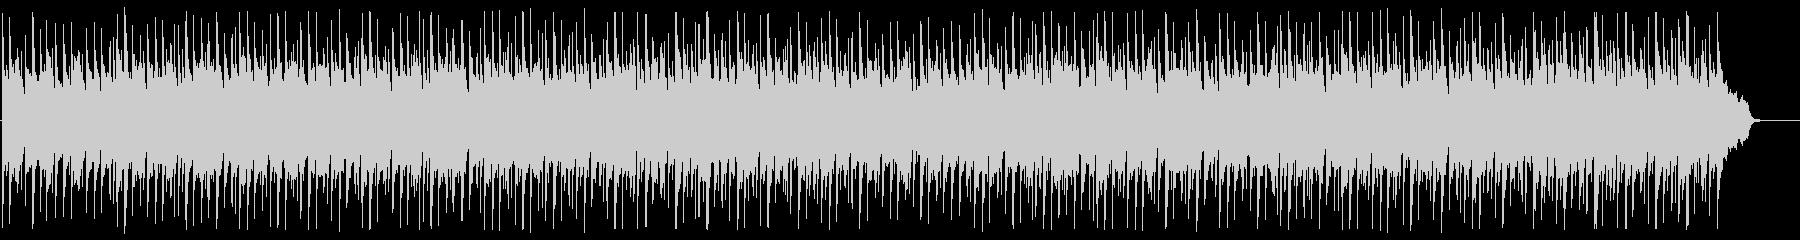 落ち着いたリラクゼーションミュージックの未再生の波形